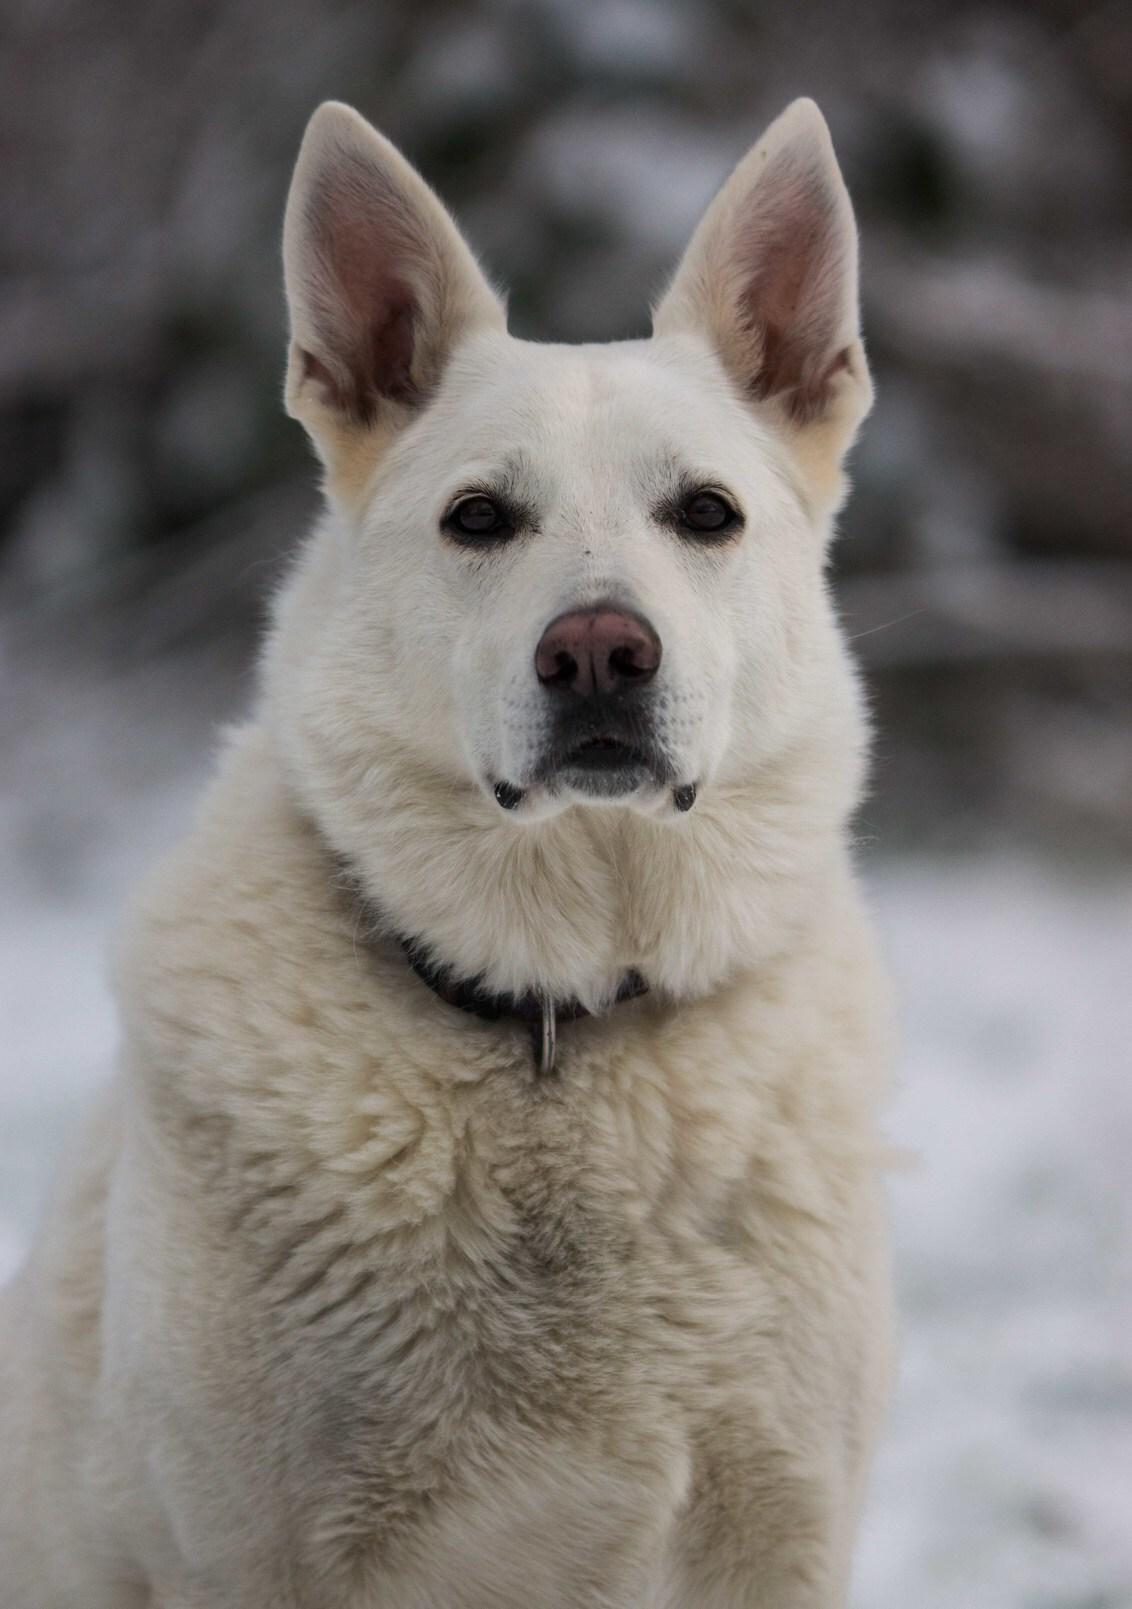 Witte herder - - - foto door casperhanekamp op 17-01-2016 - deze foto bevat: sneeuw, dieren, hond, honden, herder, dier, witte, sony, witteherder, slt, 70-200, a77, Ysja